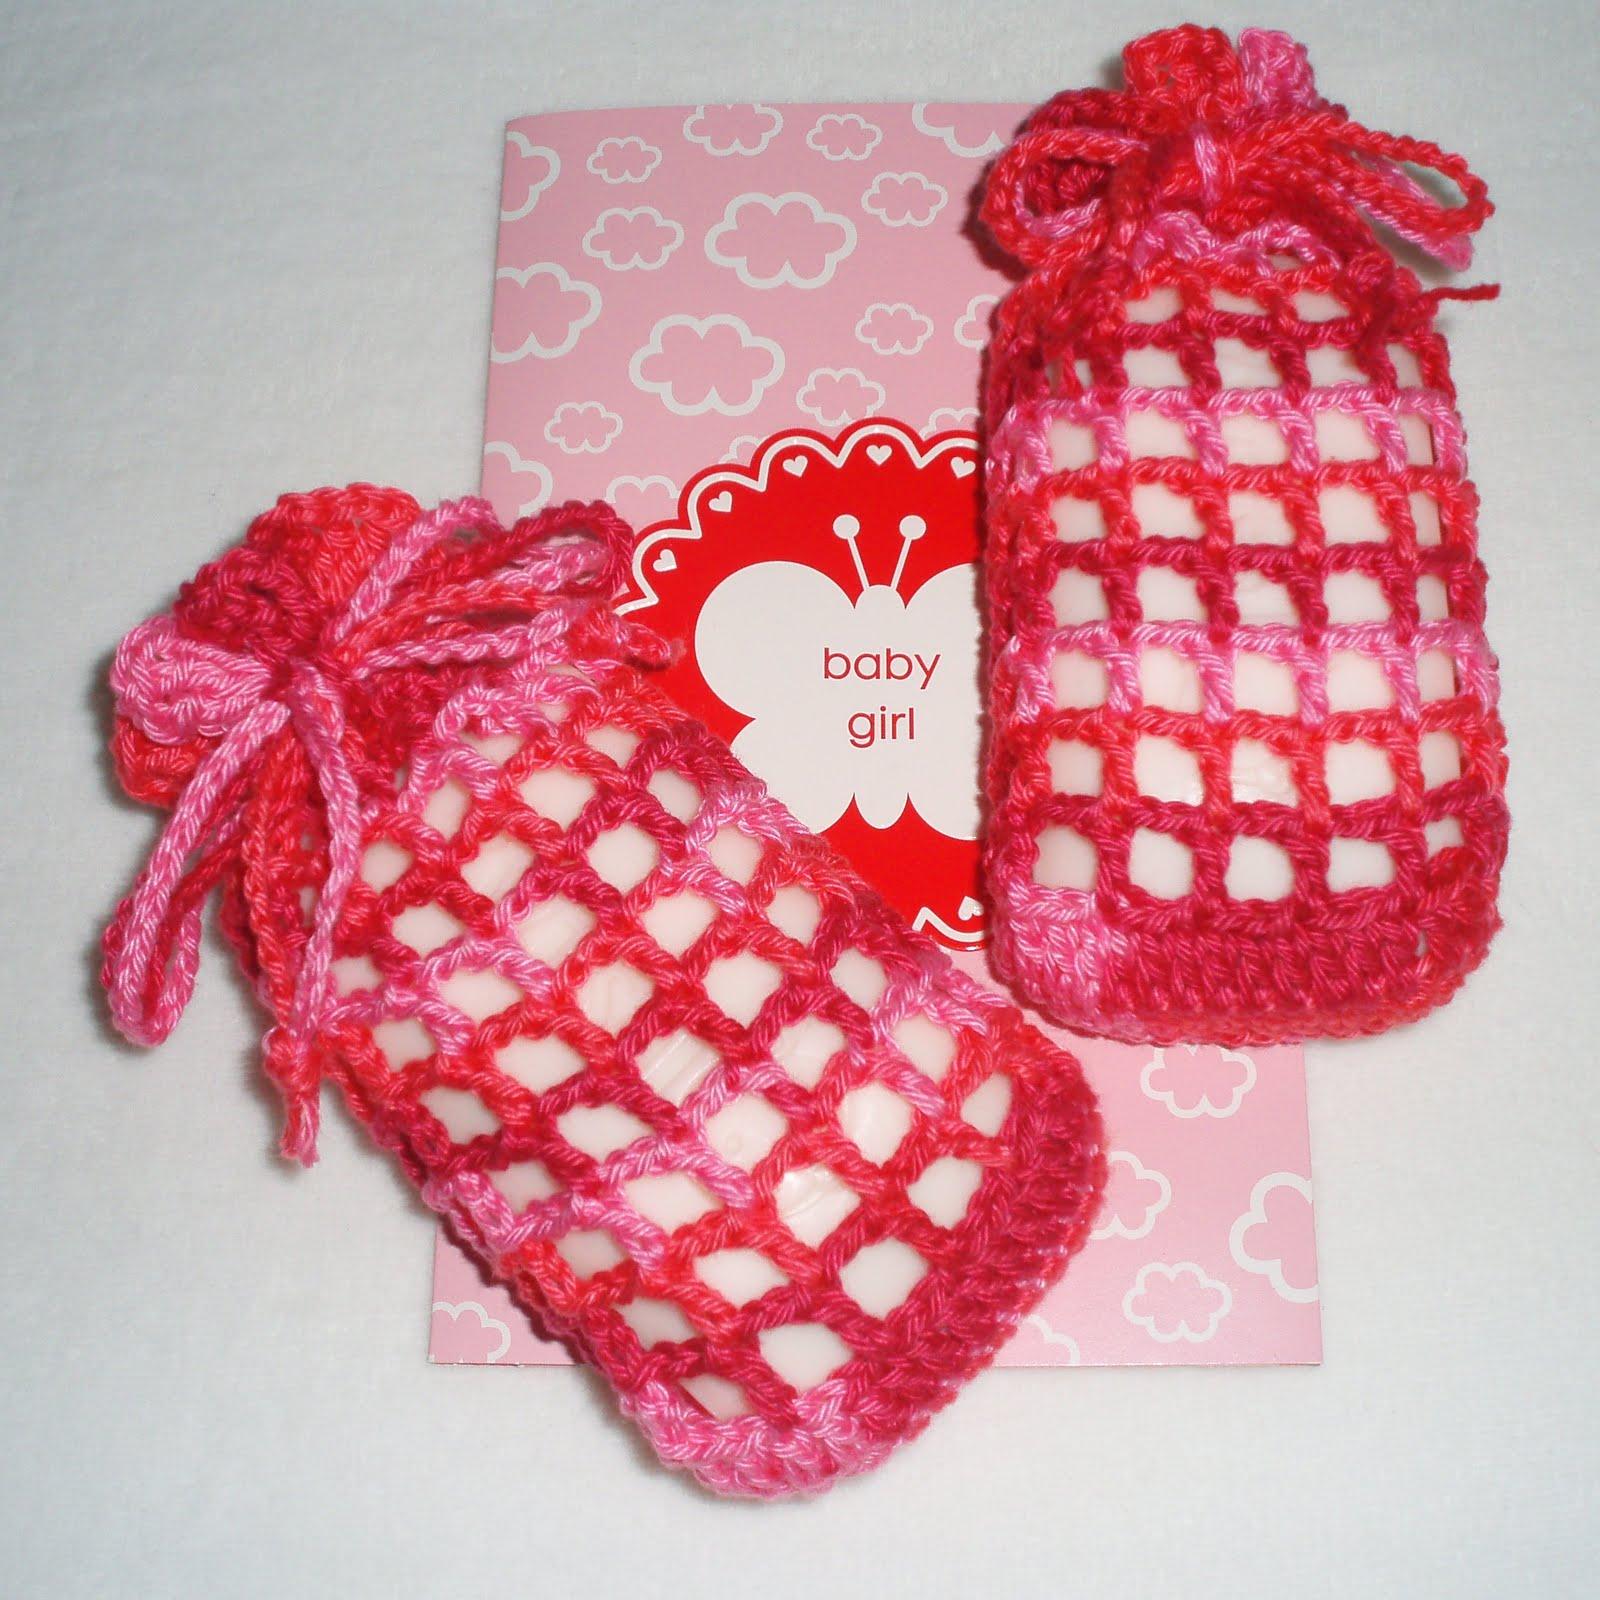 Karin Aan De Haak Klein Cadeautje Voor Een Pasgeboren Baby